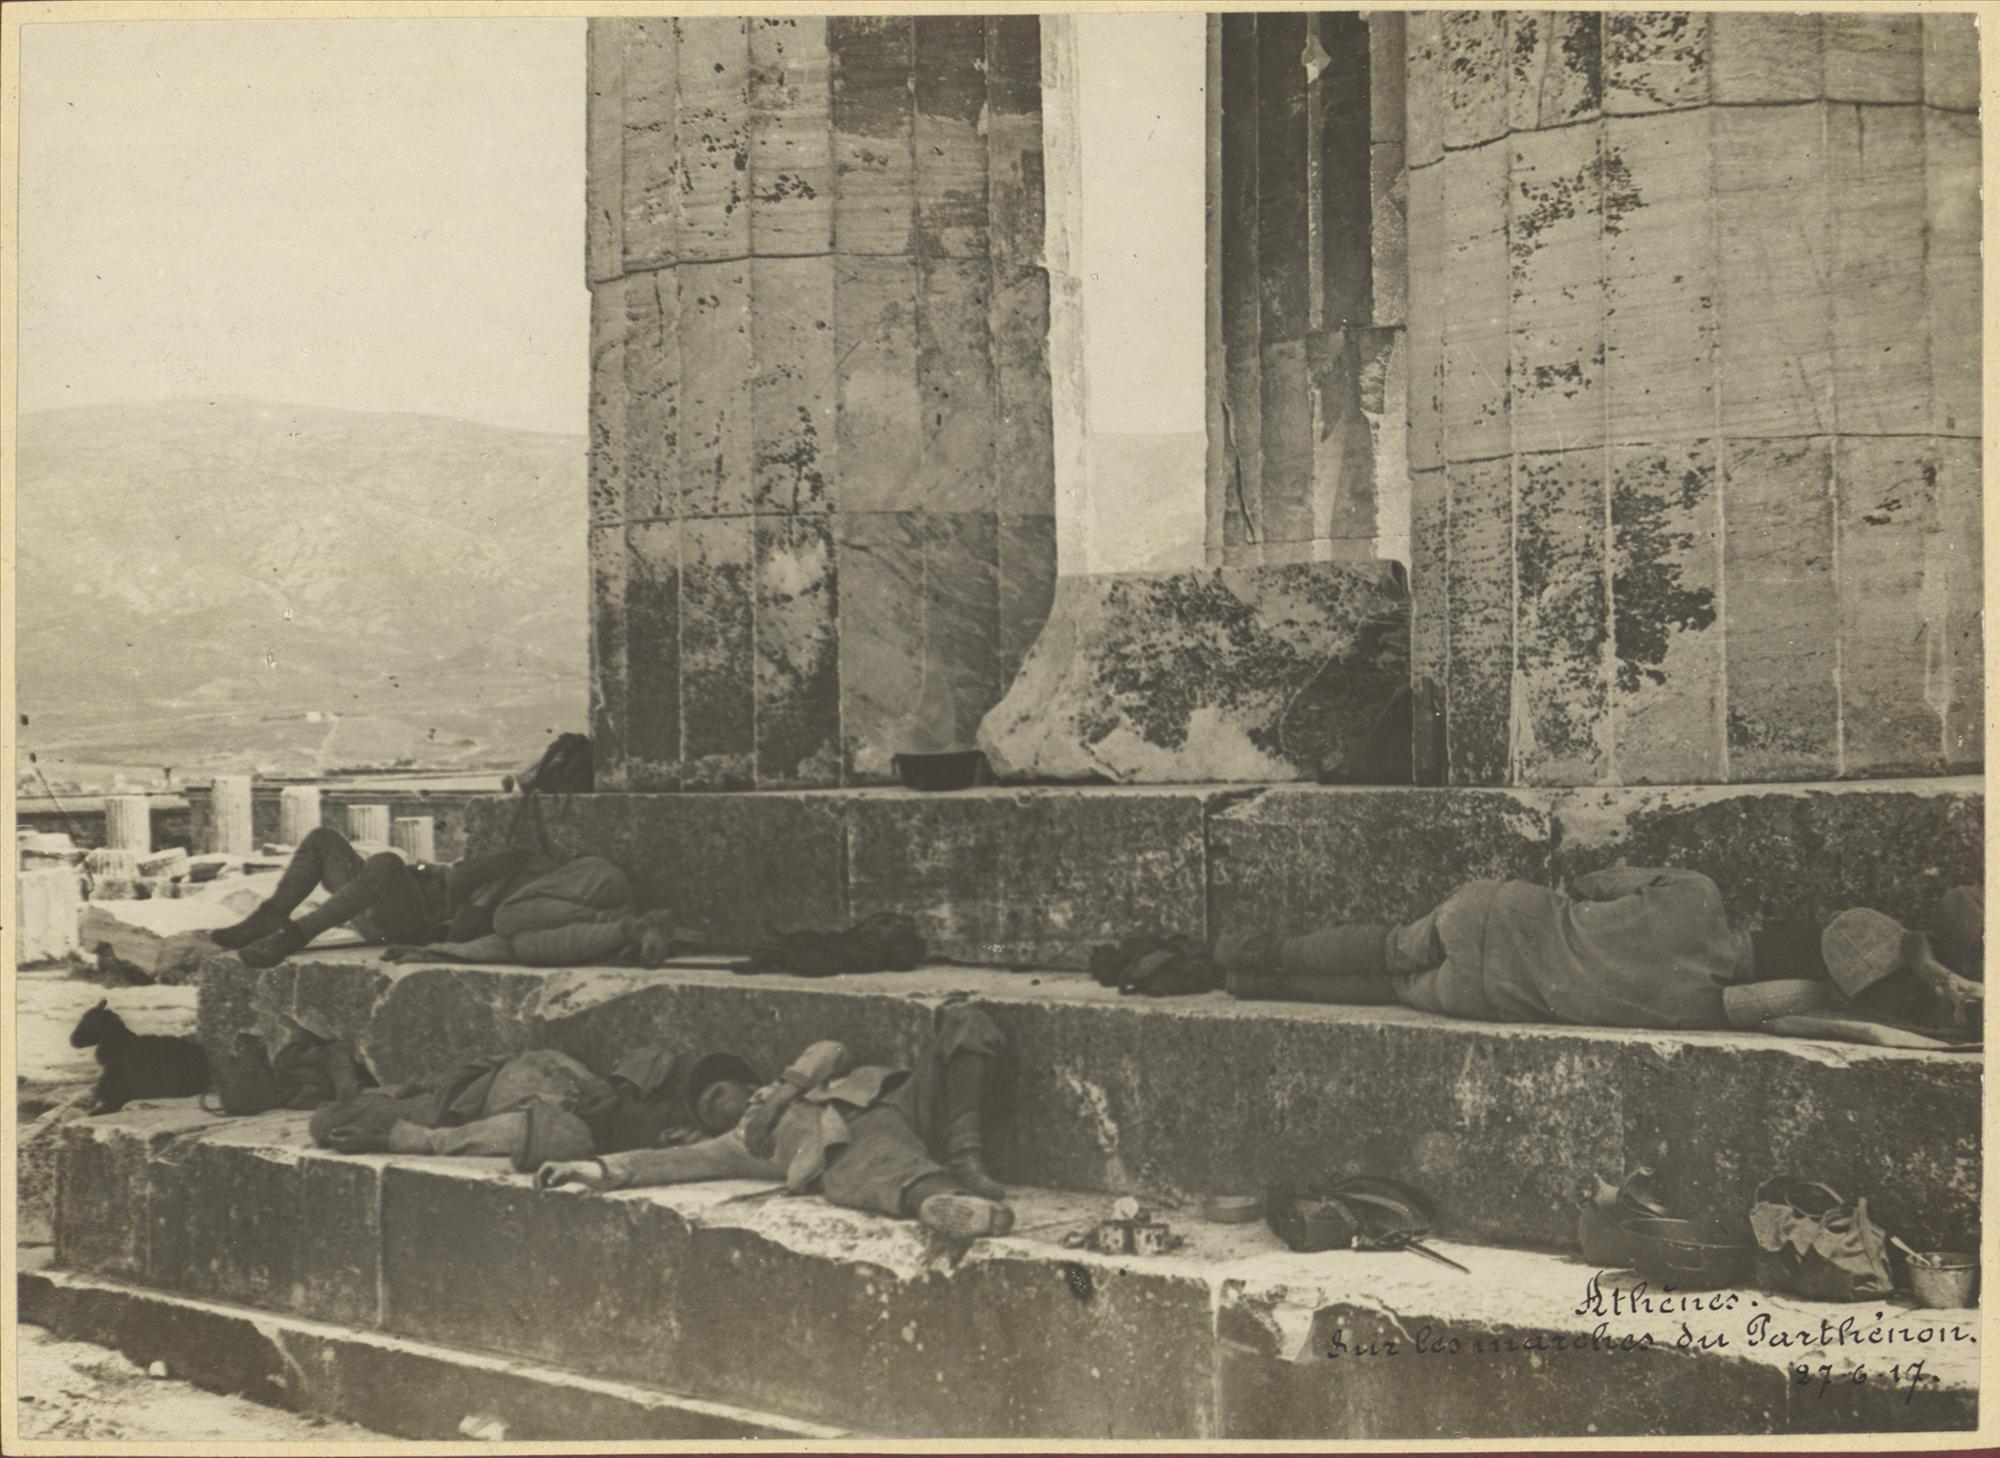 Γάλλοι στρατιώτες στην Ακρόπολη